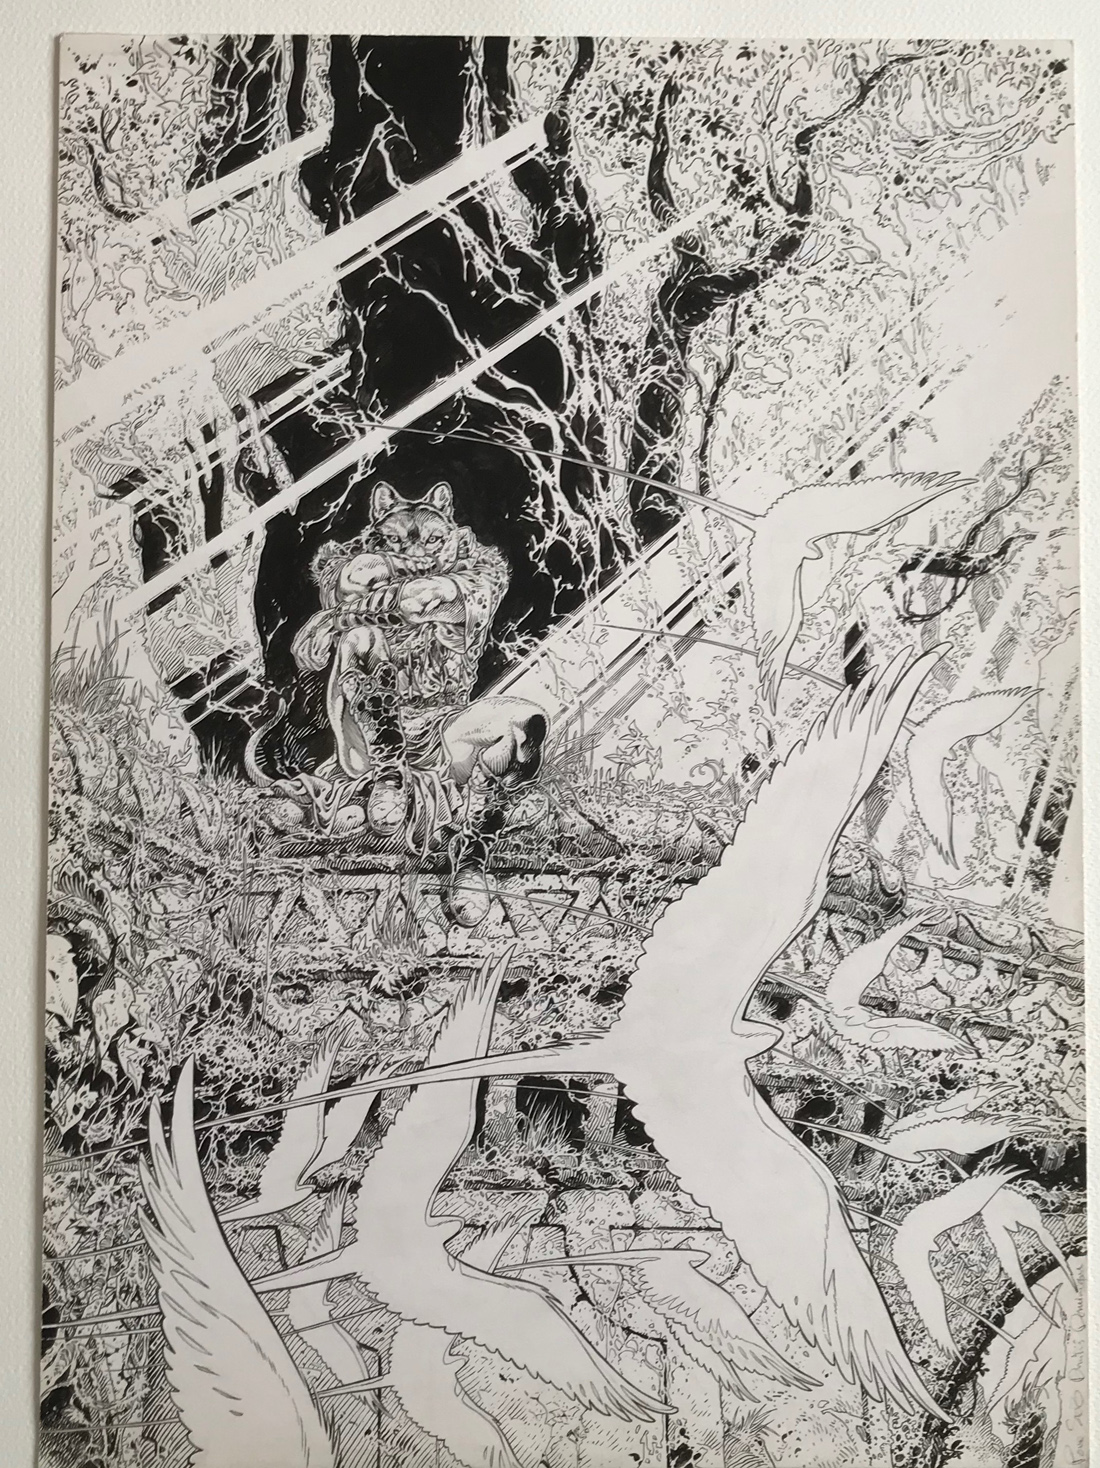 30 ans d'édition, par Sébastien Gnaedig, chapitre 12. Le Dernier Loup d'Oz © Lidwine / Delcourt